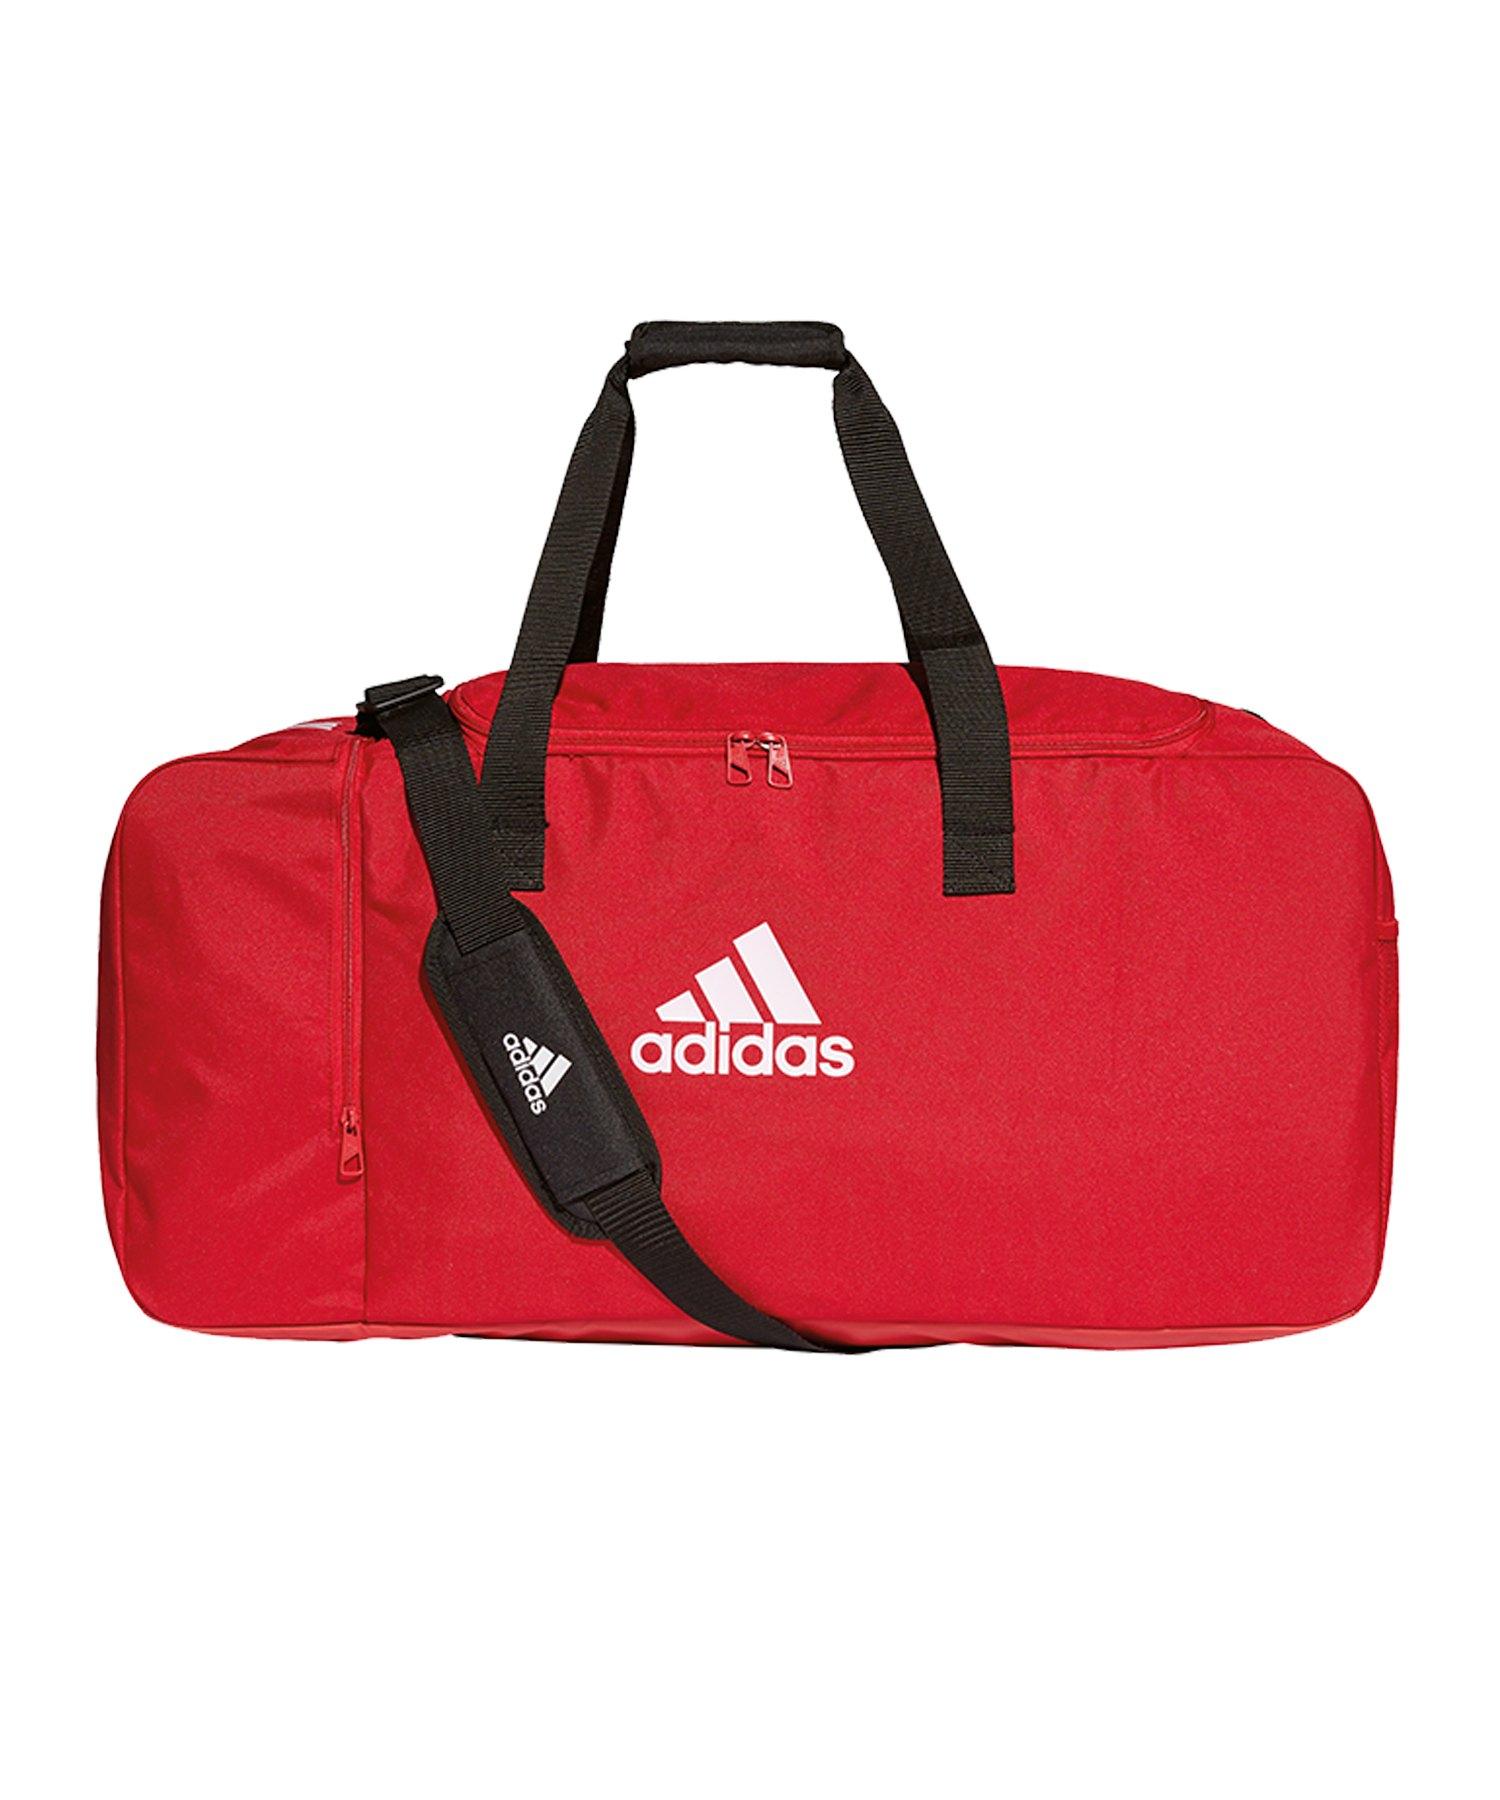 adidas Tiro Duffel Bag Gr. L Rot Weiss - rot